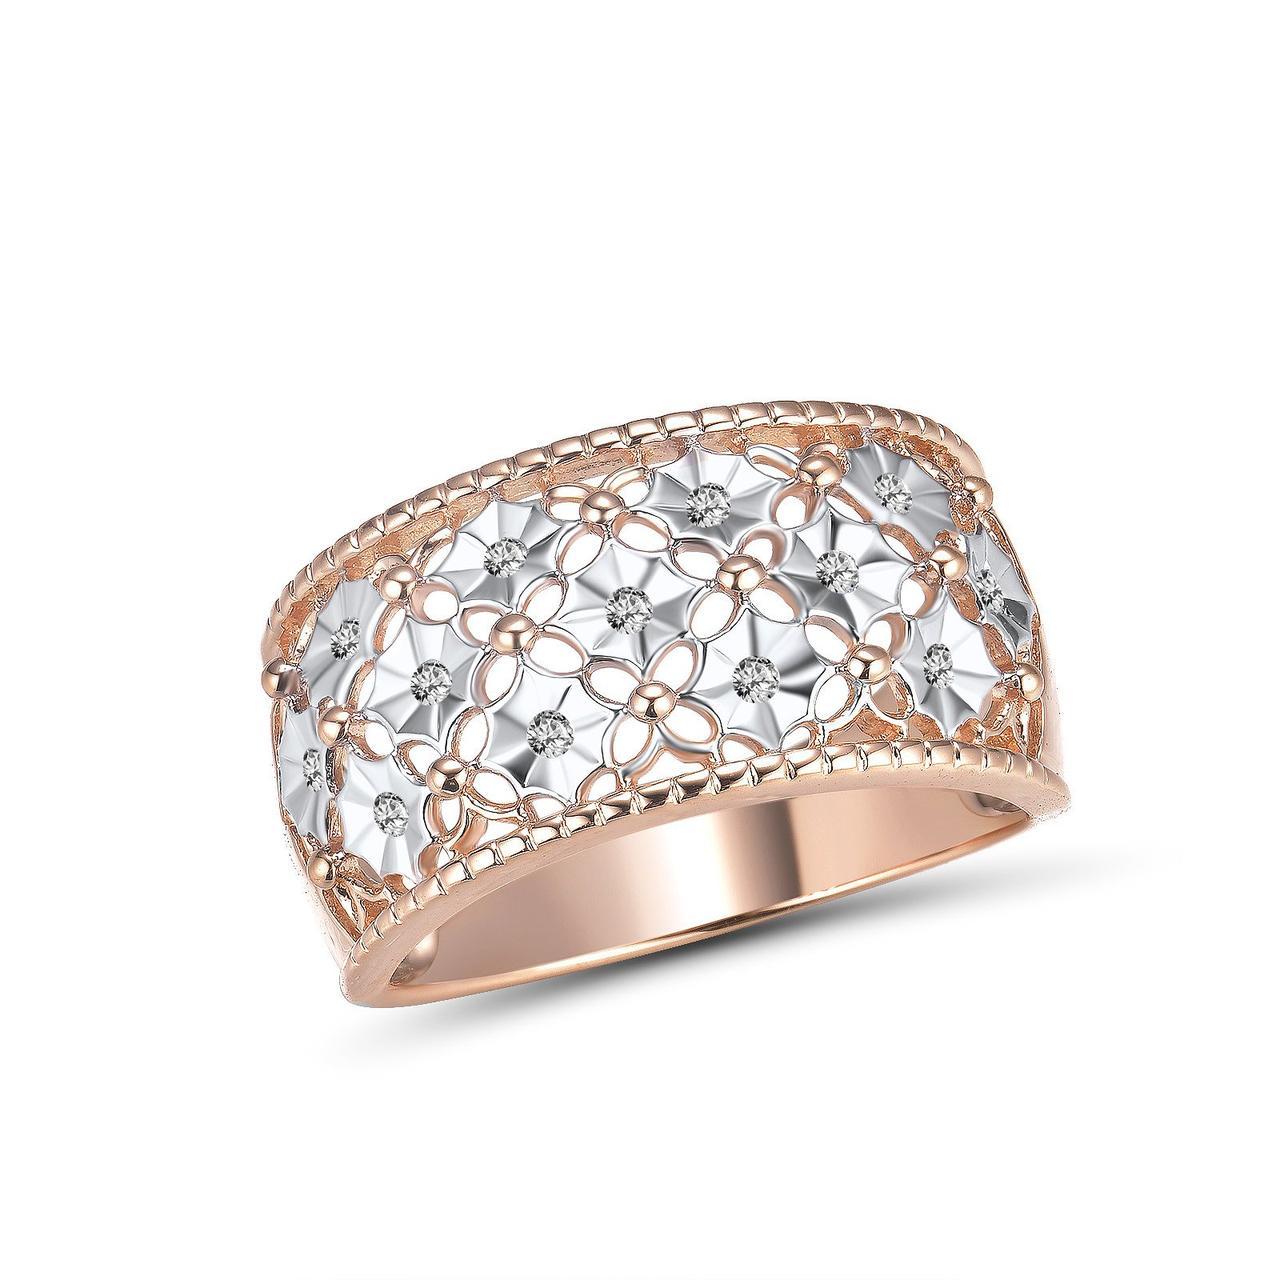 Золотое кольцо с бриллиантами, размер 18 (1692427)